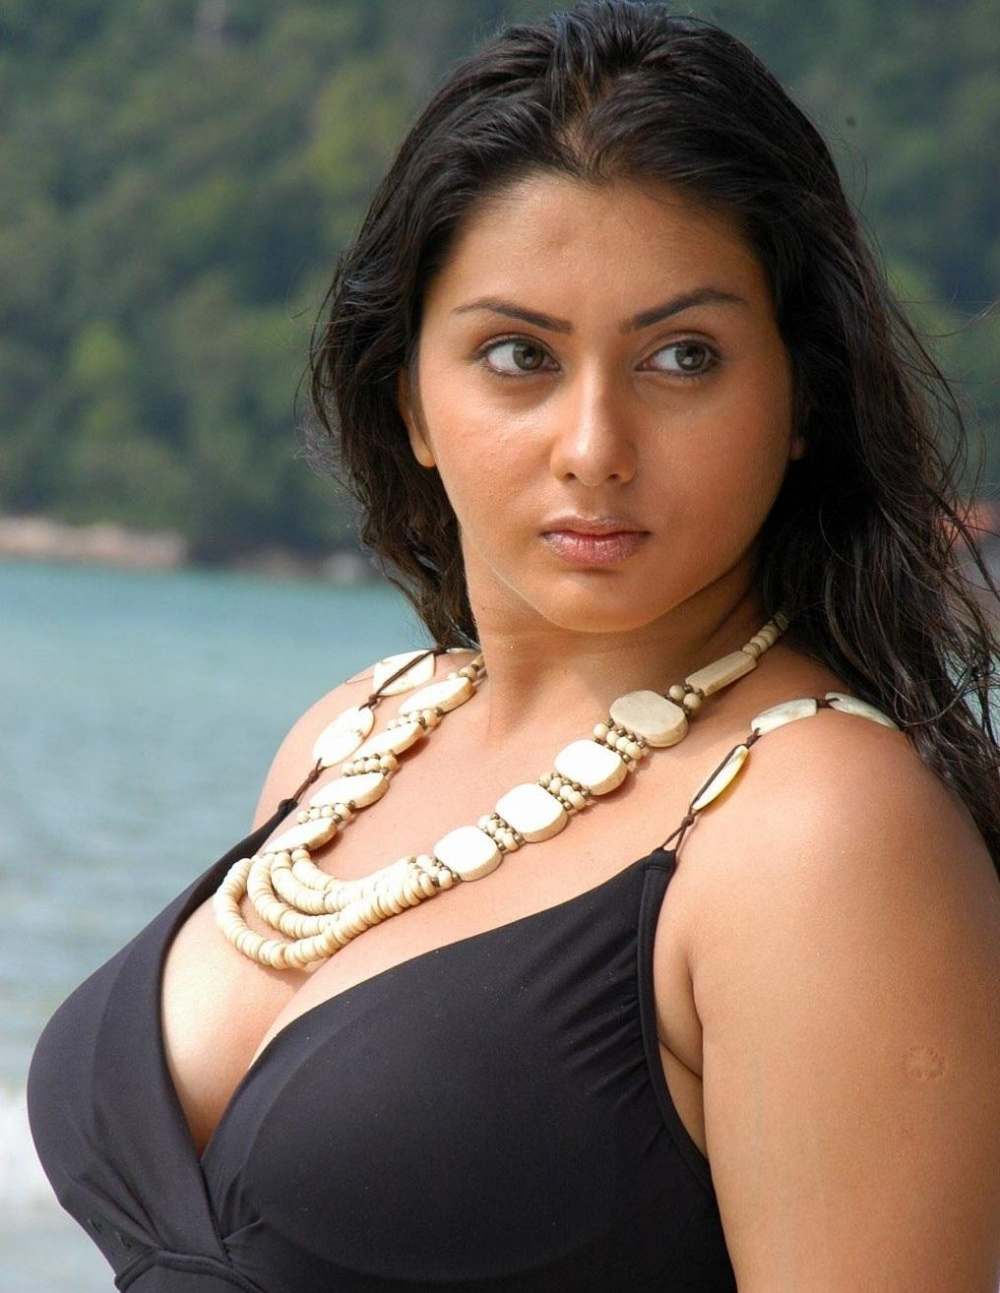 Actress nake photo, finest naked midgets